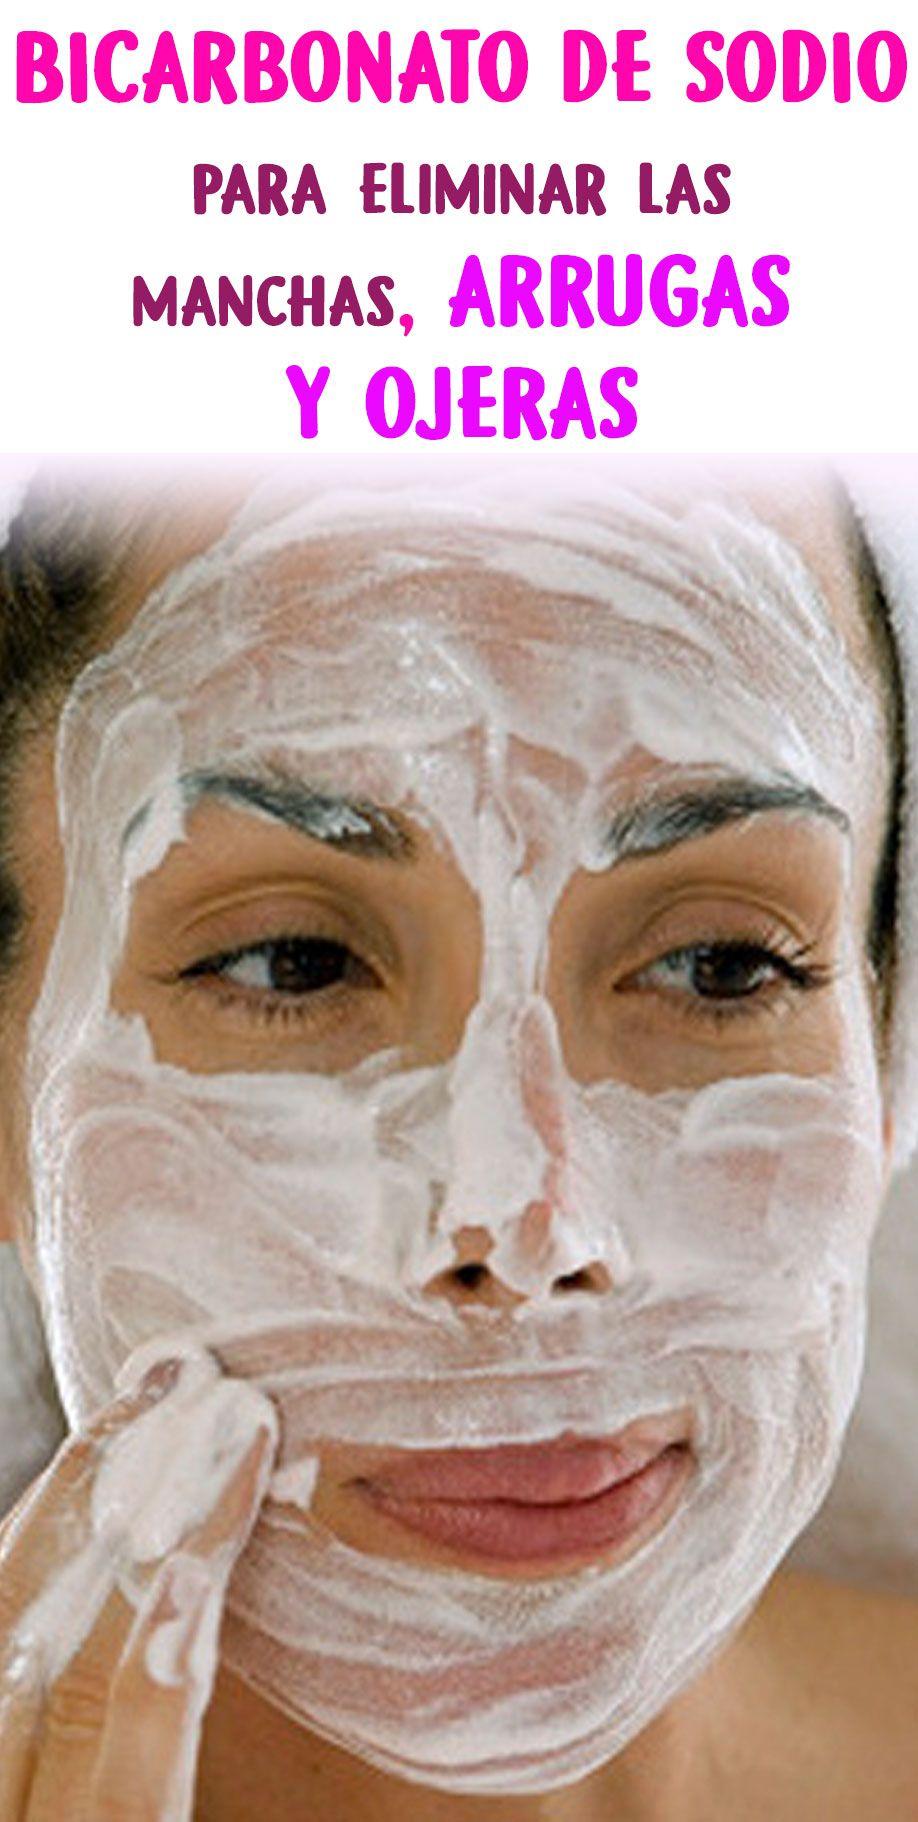 Bicarbonato de sodio para eliminar las manchas, arrugas y ojeras